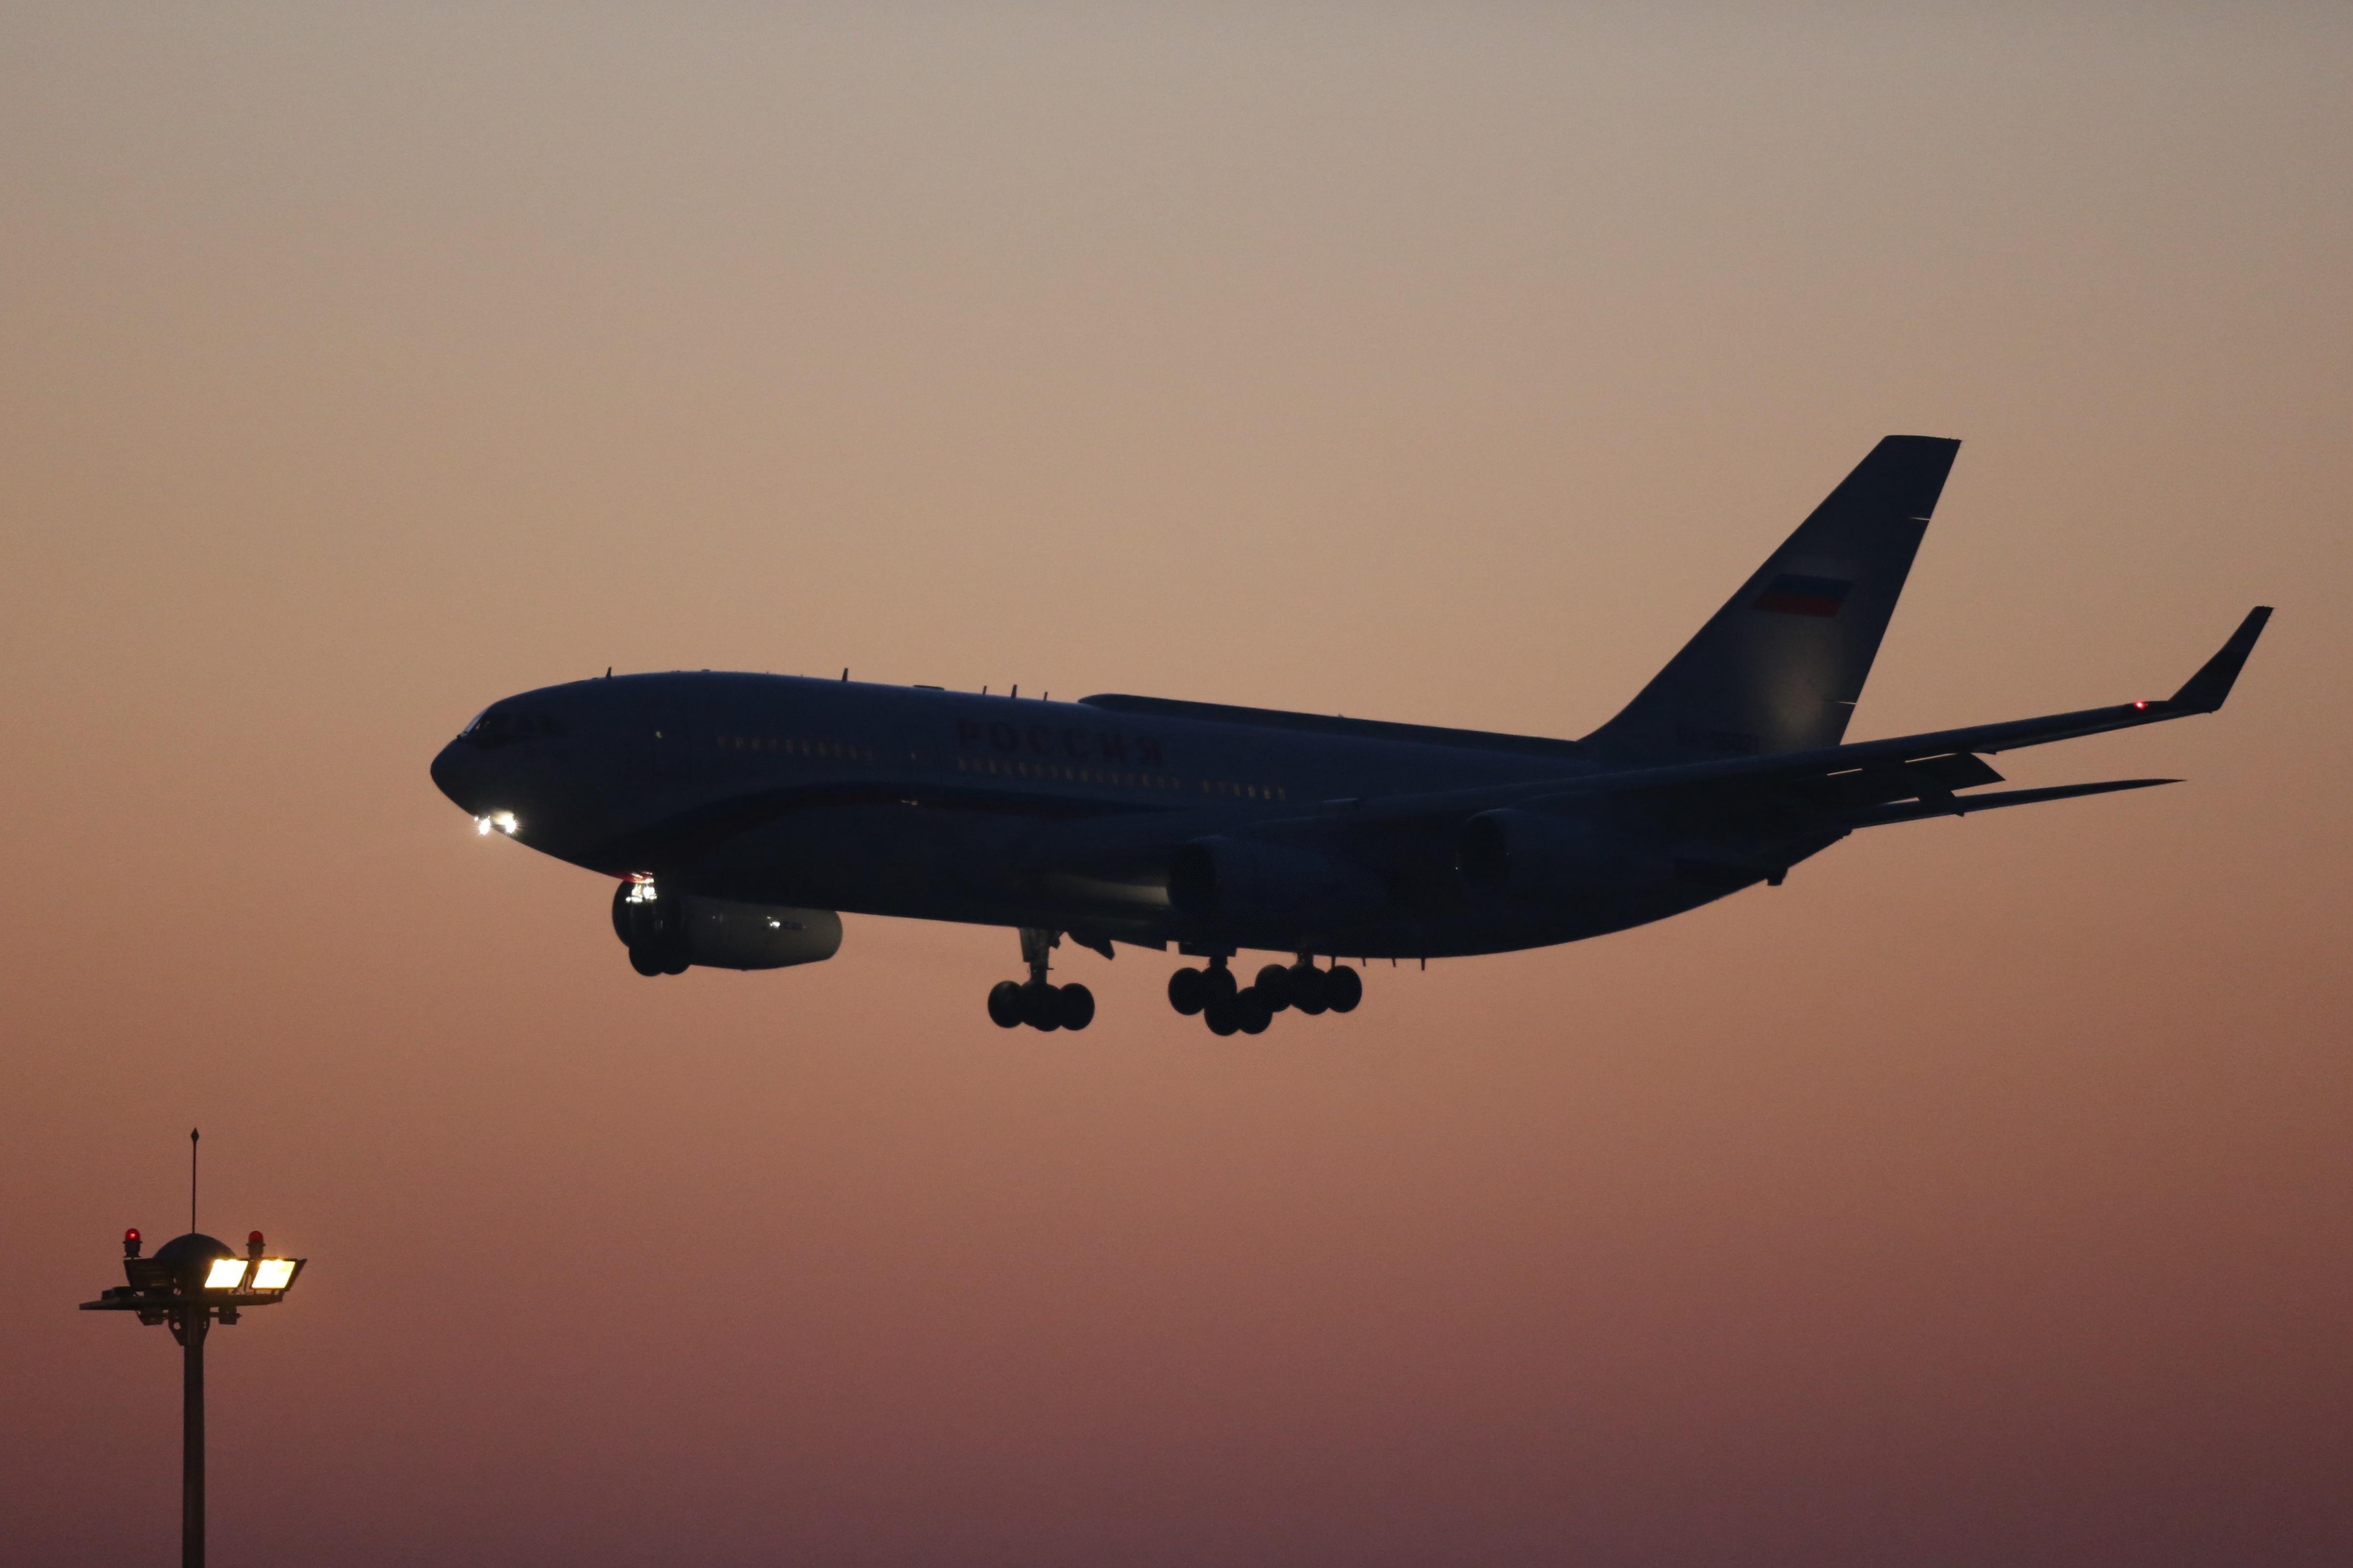 11月9日,俄罗斯总统普京抵达北京,这是普京乘坐的专机飞抵北京首都国际机场。(新华社记者邢广利摄)